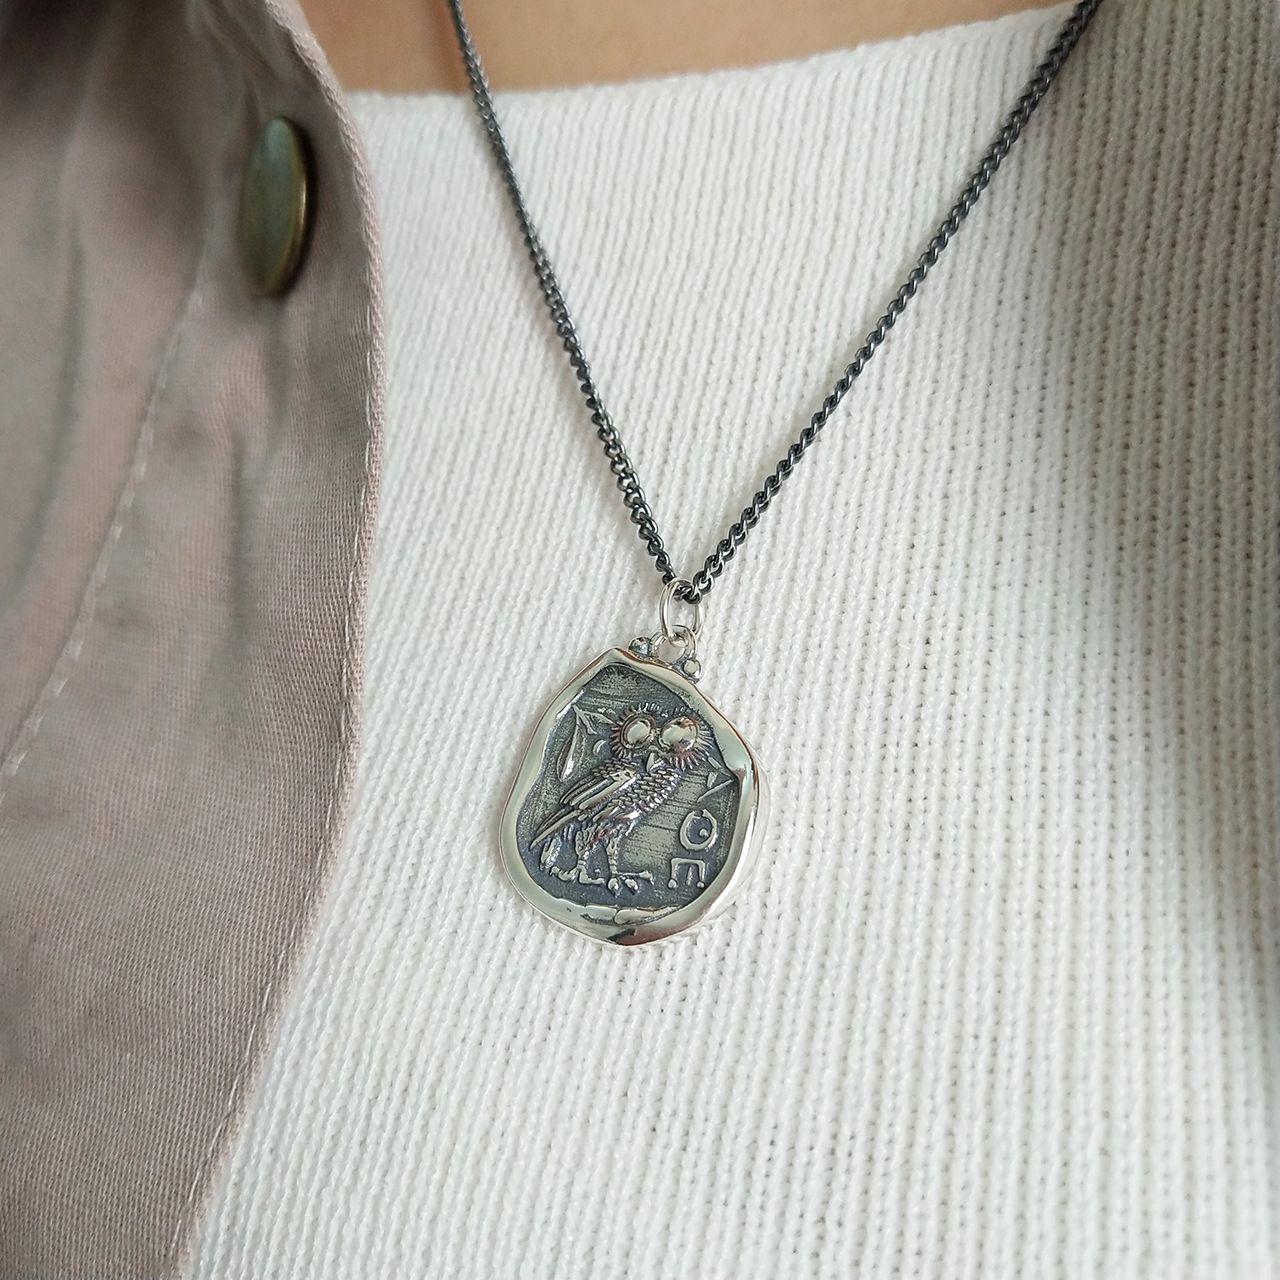 Collar de plata esterlina 925 Conector de etiqueta-venta al por mayor fabricación de joyas encontrar